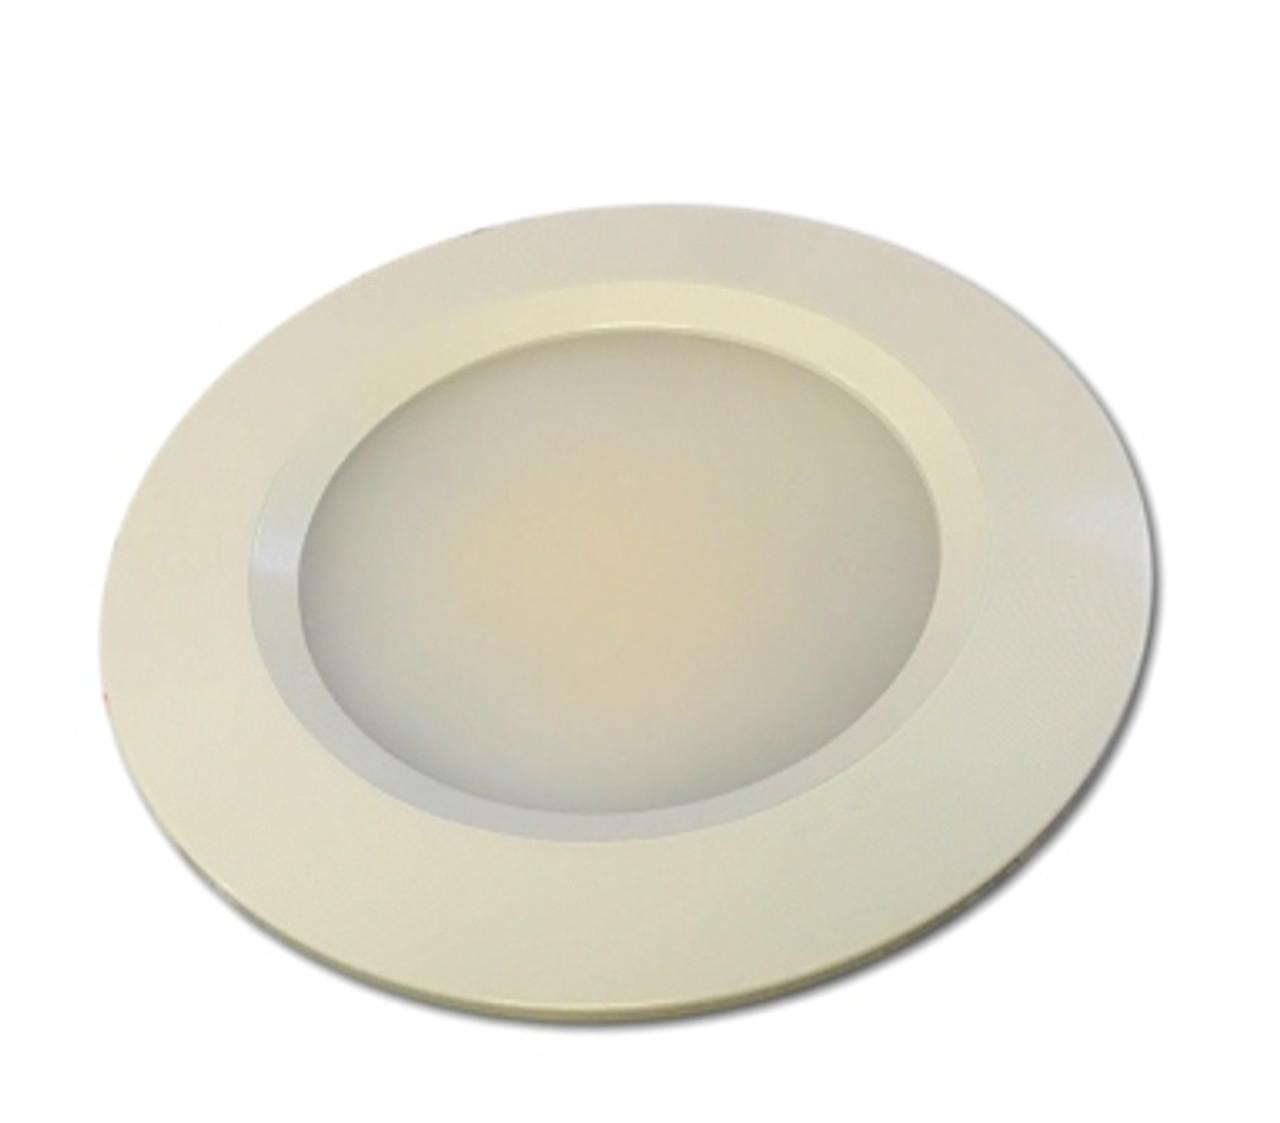 White Bezel - 12V LED Recessed Ceiling Light Fixture